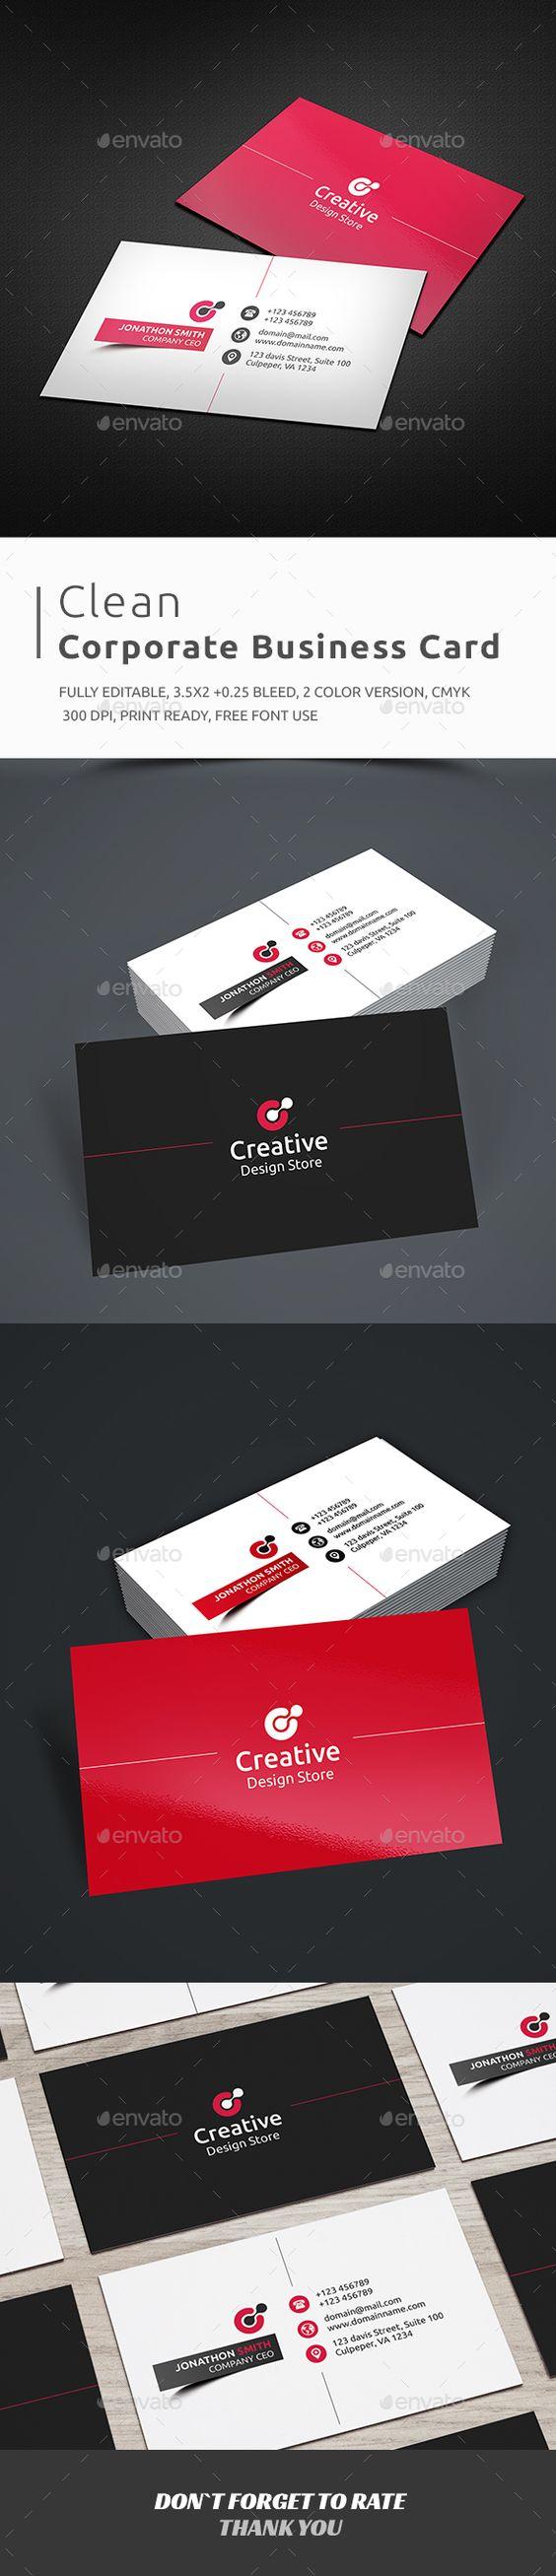 Pin By Dejan Kogej On Cgp Cards Calling Card Design